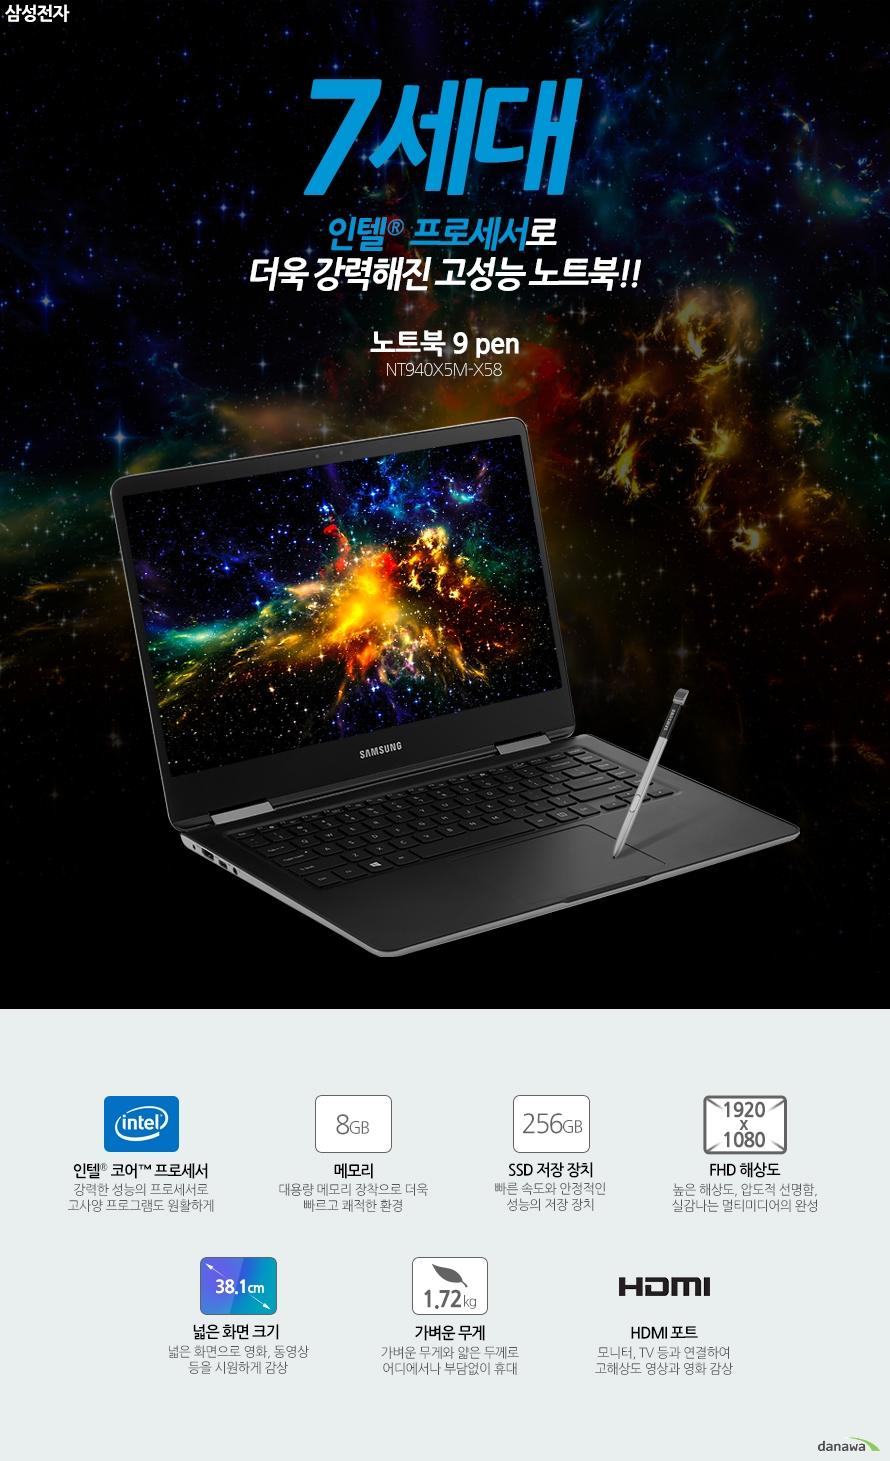 7세대 인텔 프로세서 장착으로 더욱 강력해진 초경량 고성능 노트북!! 삼성전자 노트북9 pen NT940X5M-X58인텔 코어 프로세서 강력한 성능의 프로세서로 고사양 프로그램도 원활하게8GB 메모리 대용량 메모리 장착으로 더욱 빠르고 쾌적한 환경256GB SSD 저장 장치 빠른 속도와 안정적인 성능의 저장 장치1920 x 1080 FHD 해상도 높은 해상도, 압도적 선명함, 실감나는 멀티미디어의 완성38.1cm 화면 크기 넓은 화면으로 영화, 동영상 등을 시원하게 감상 1.72kg 가벼운 무게 가벼운 무게와 얇은 두께로 어디에서나 부담없이 휴대HDMI 포트 모니터, TV 등과 연결하여 고해상도 영상과 영화 감상